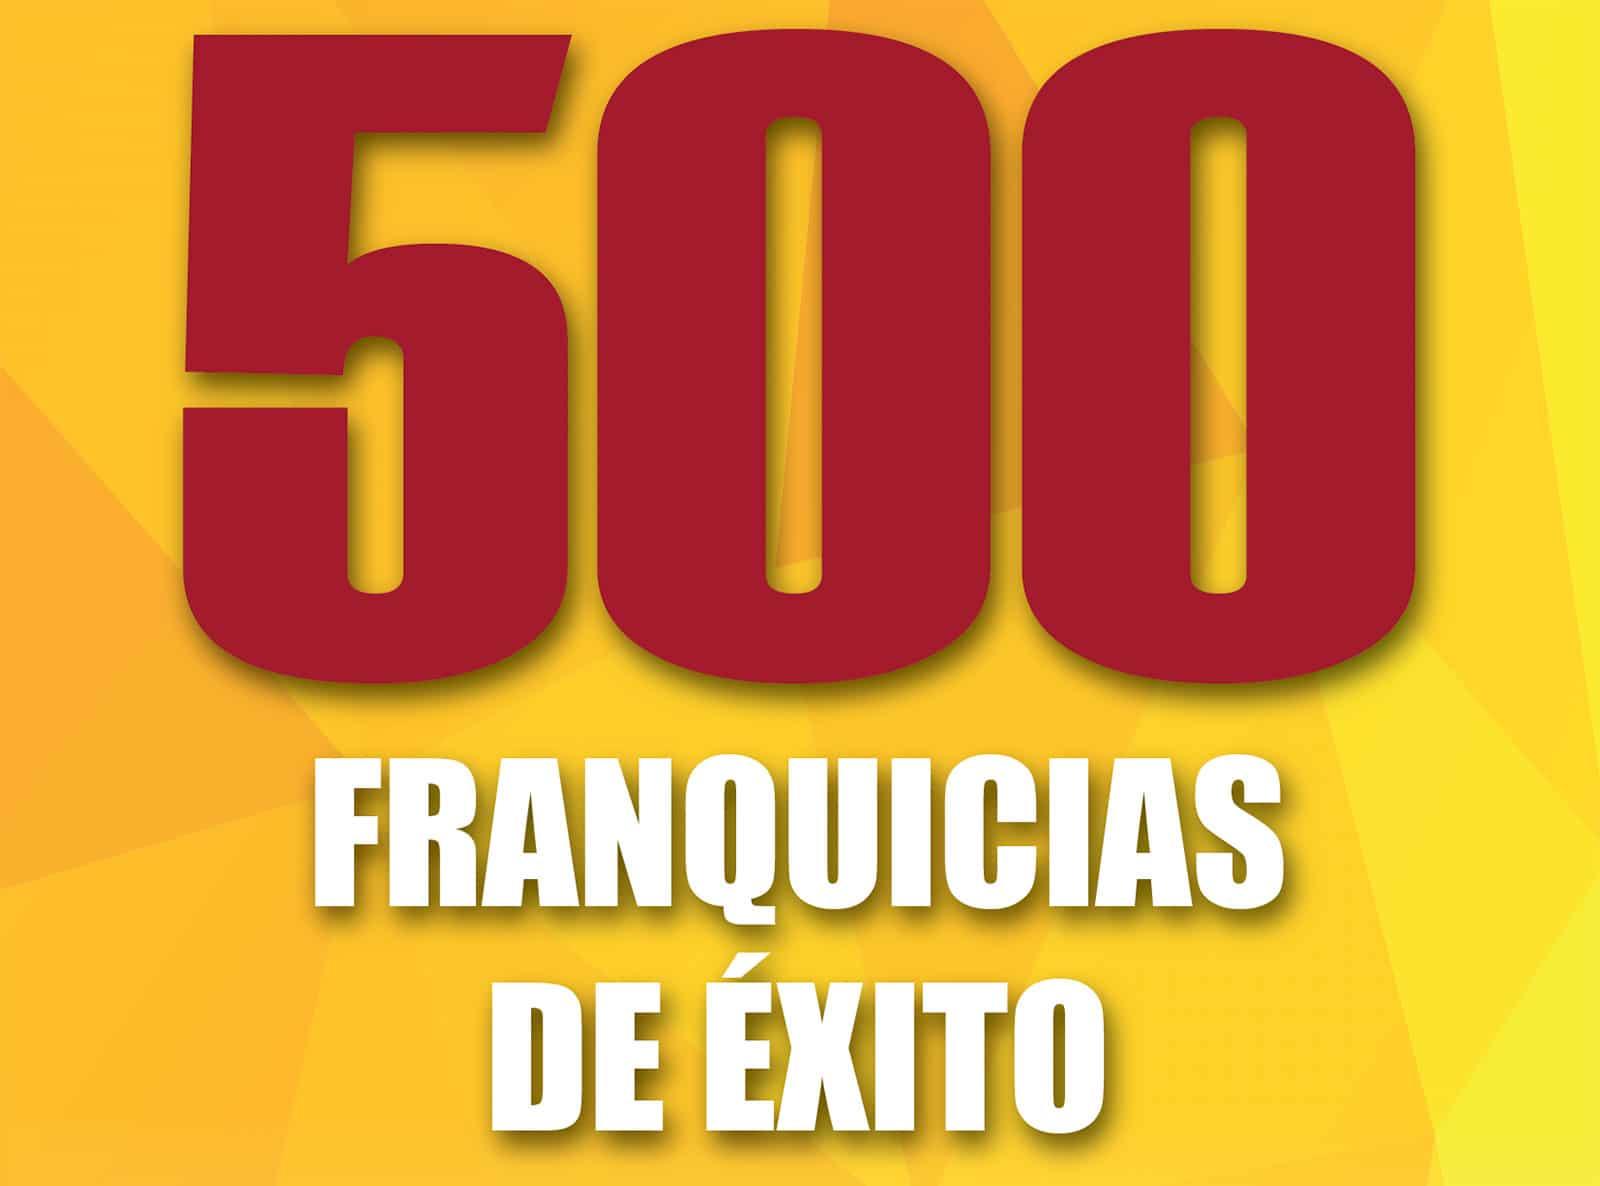 Guia 500 franquicias